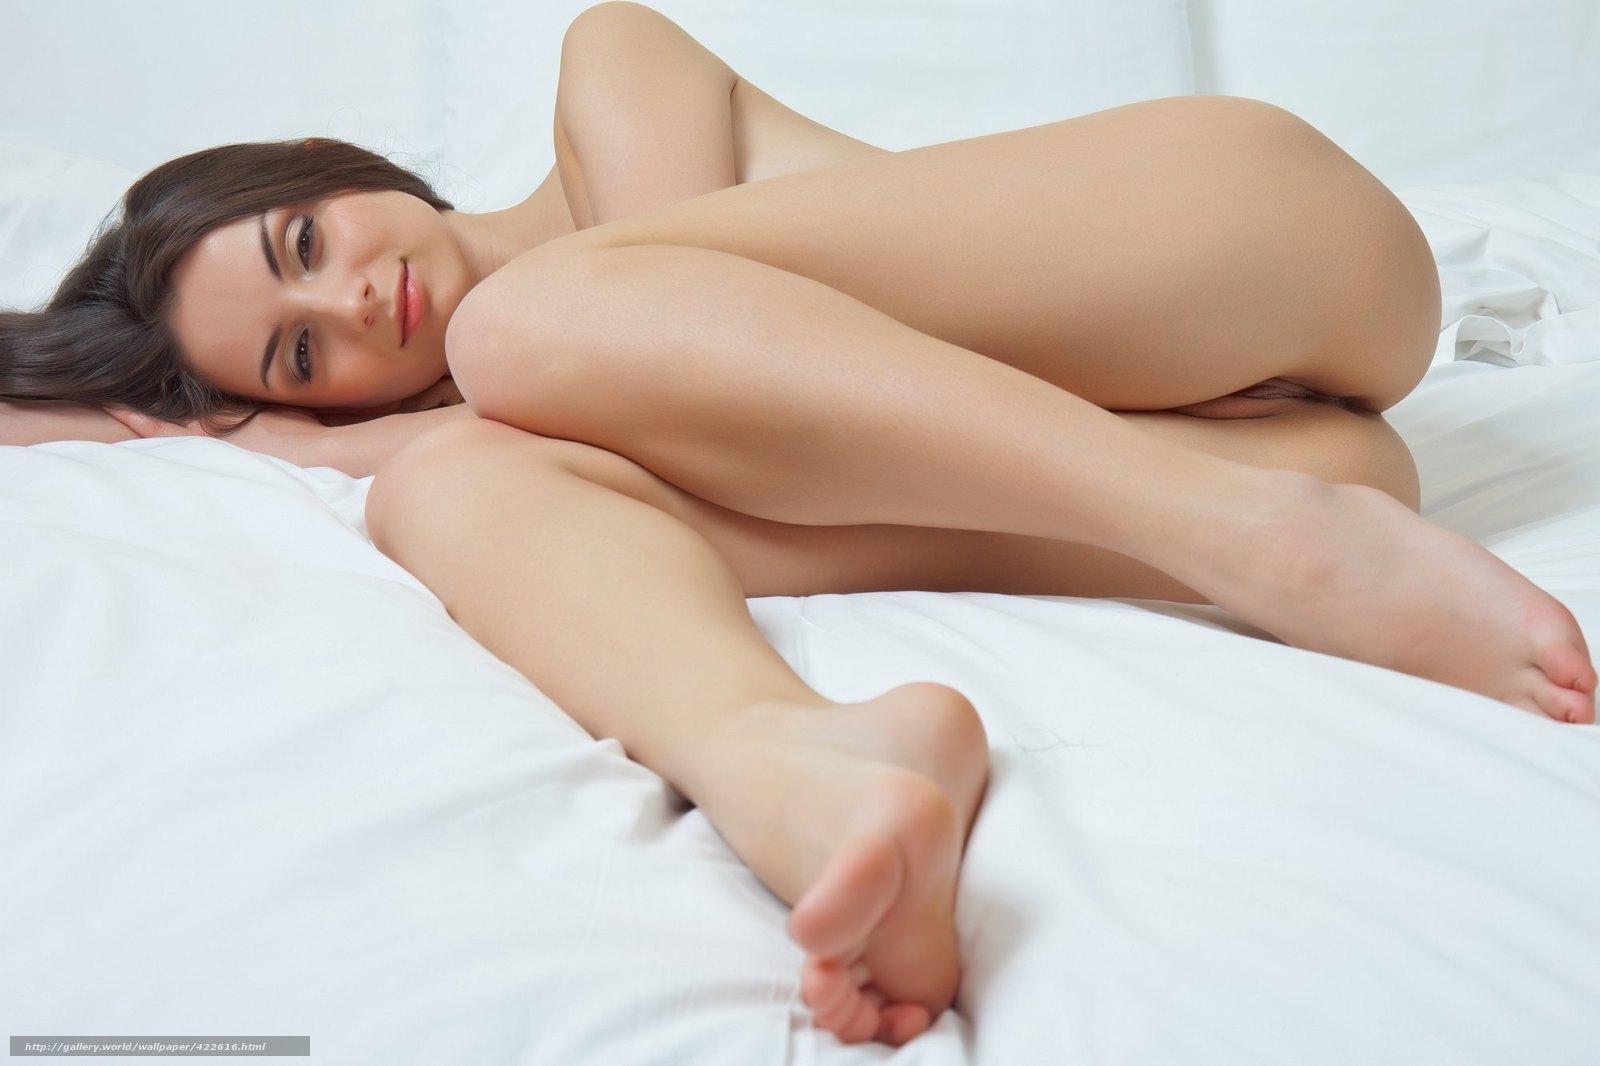 golaya-krasavitsa-v-posteli